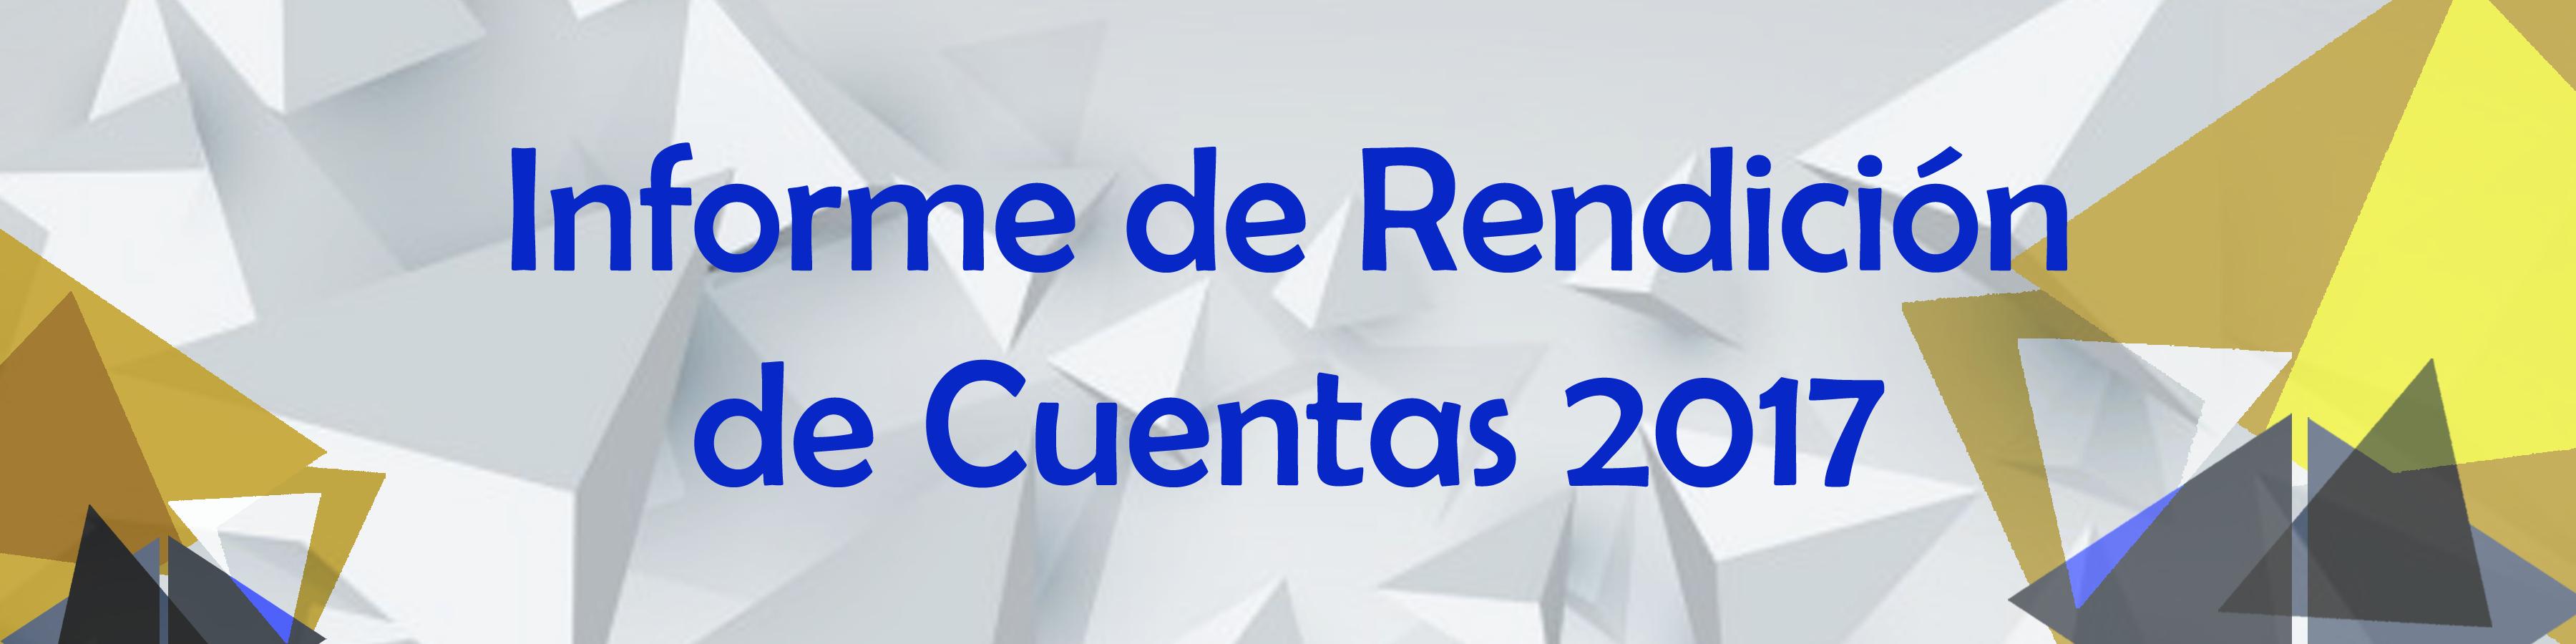 informe_rendicion_cuentas_2017